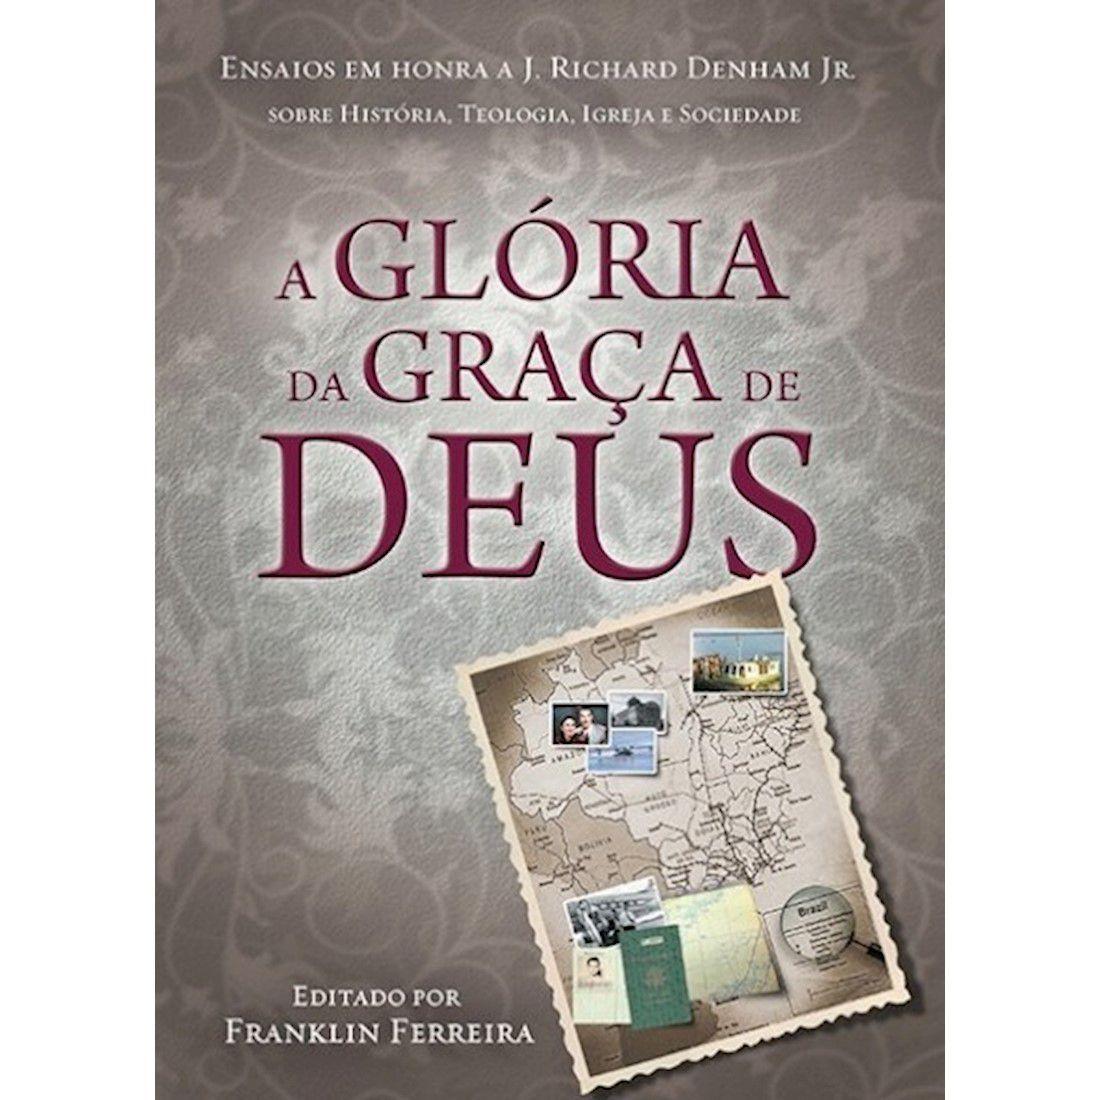 Livro A Glória da Graça de Deus